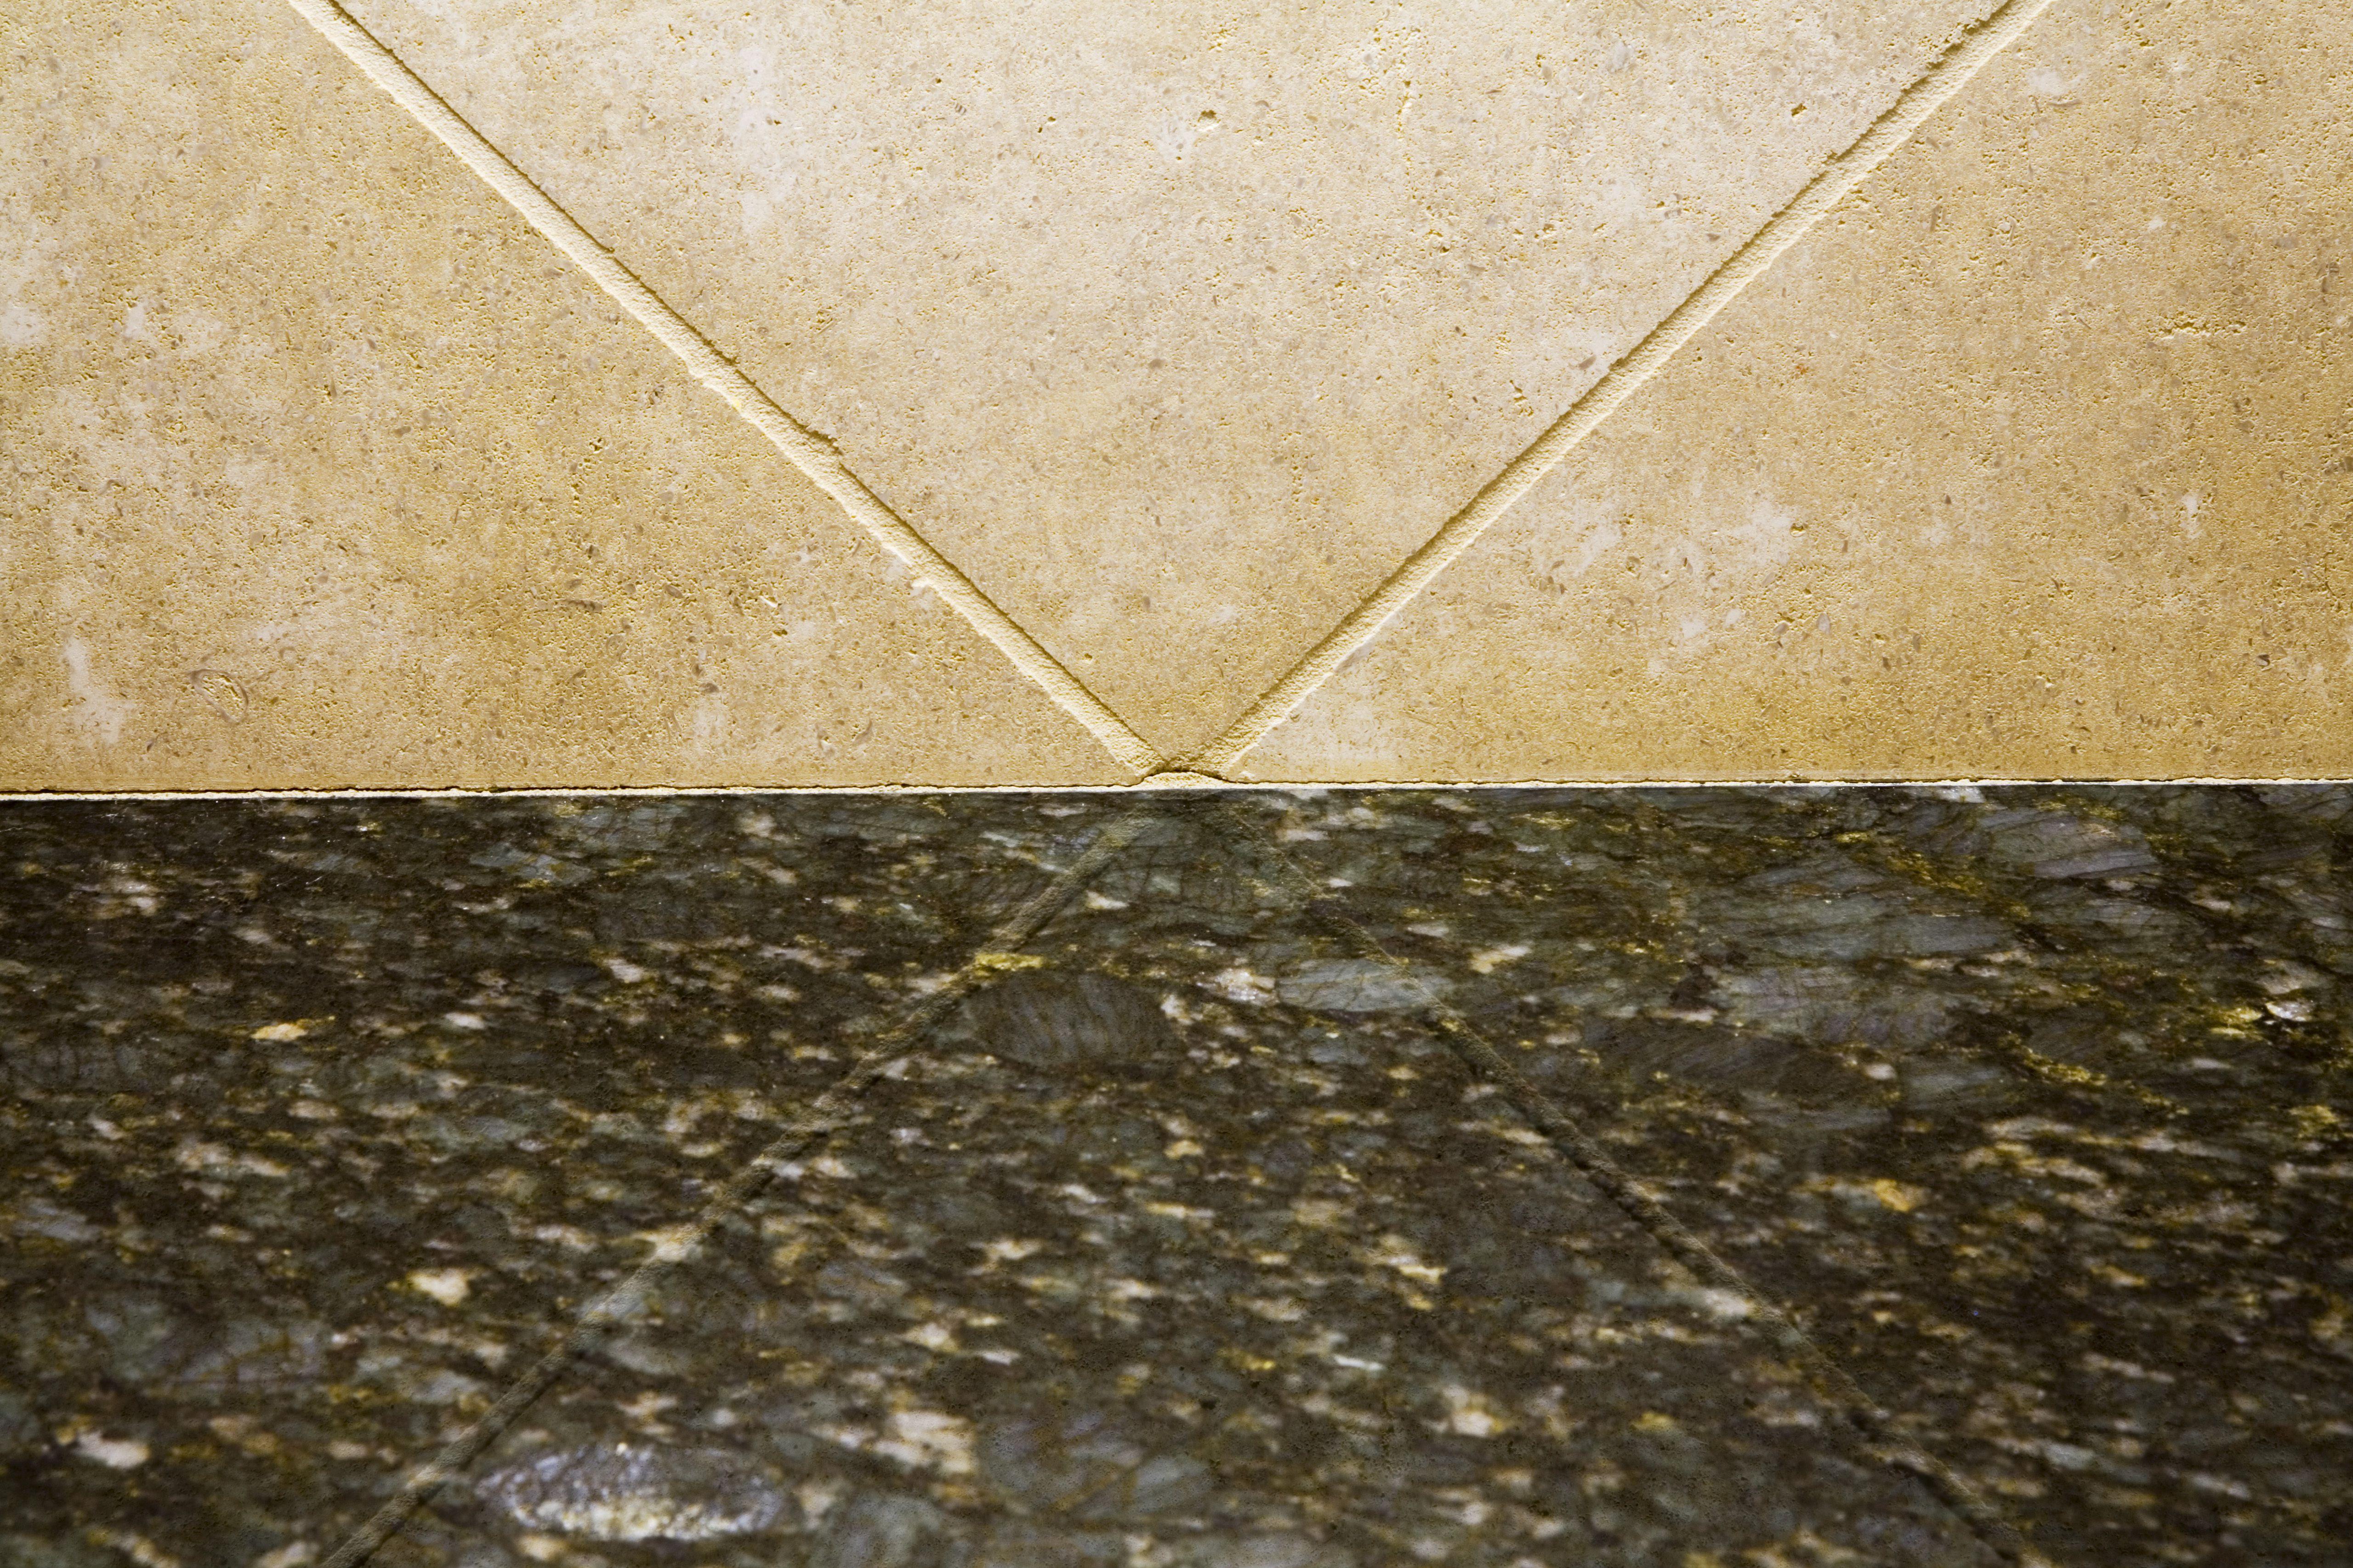 Granite Countertop and Tile Wall